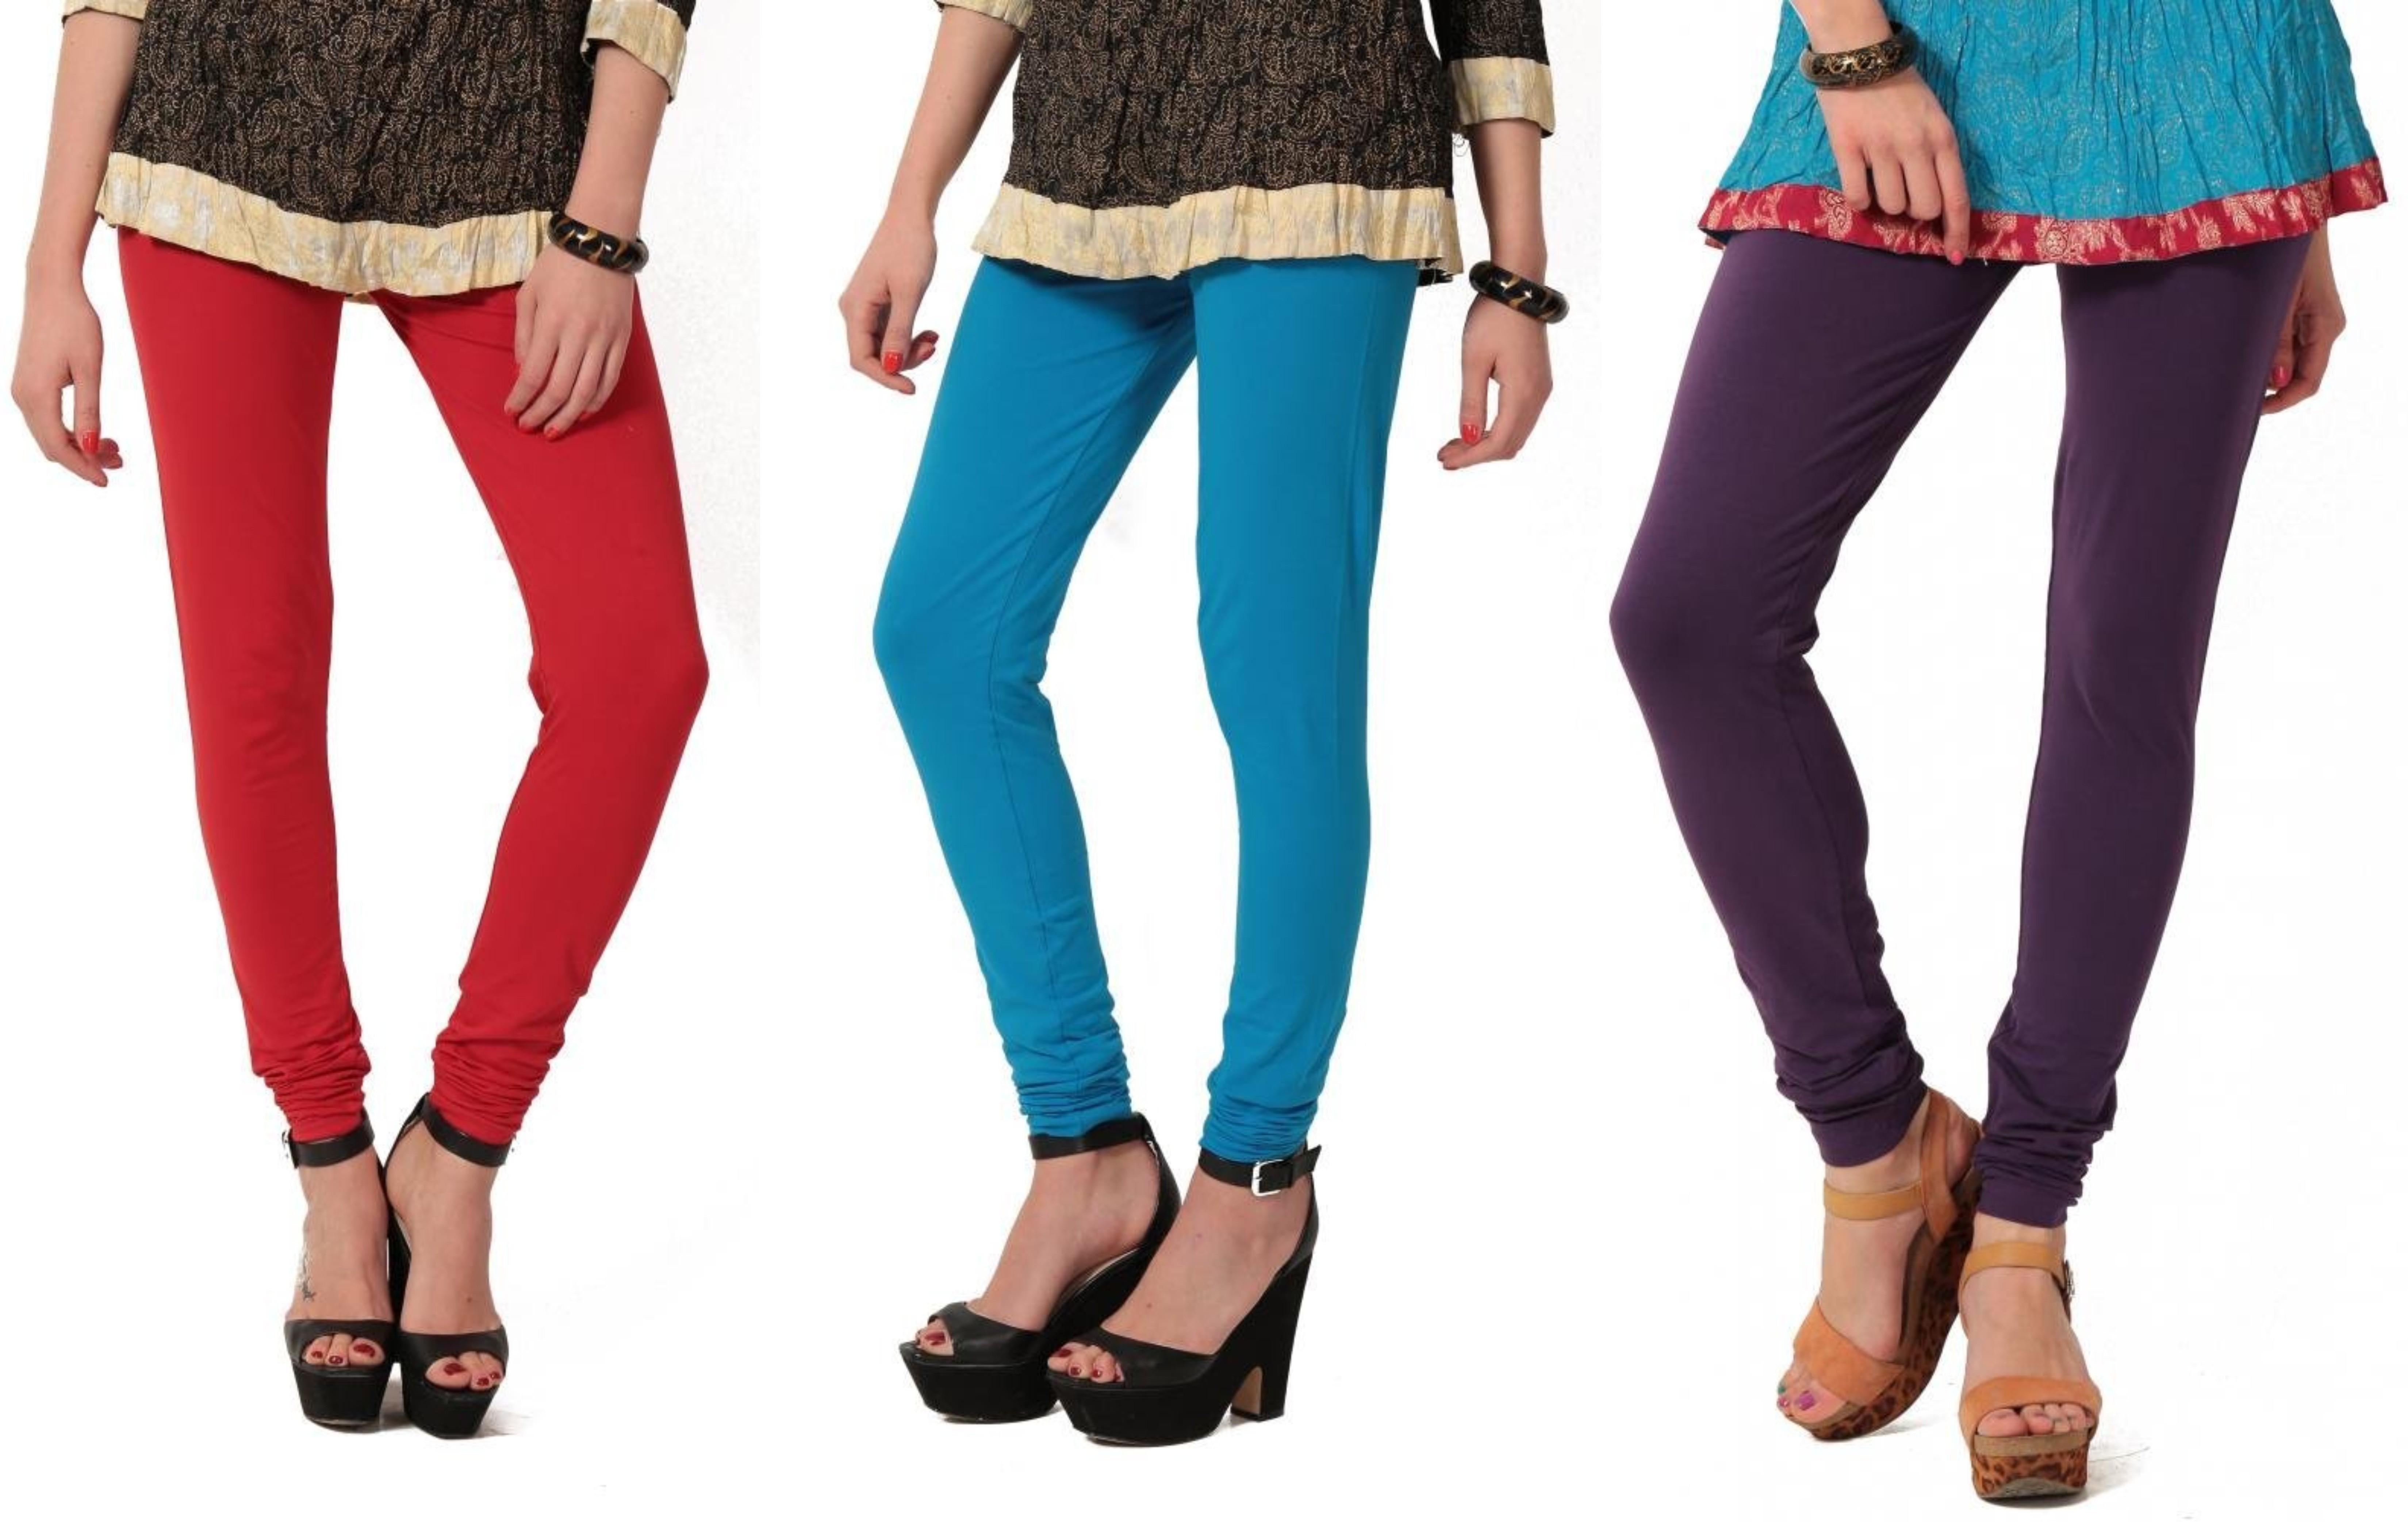 Angel Soft Womens Red, Light Blue, Purple Leggings(Pack of 3)